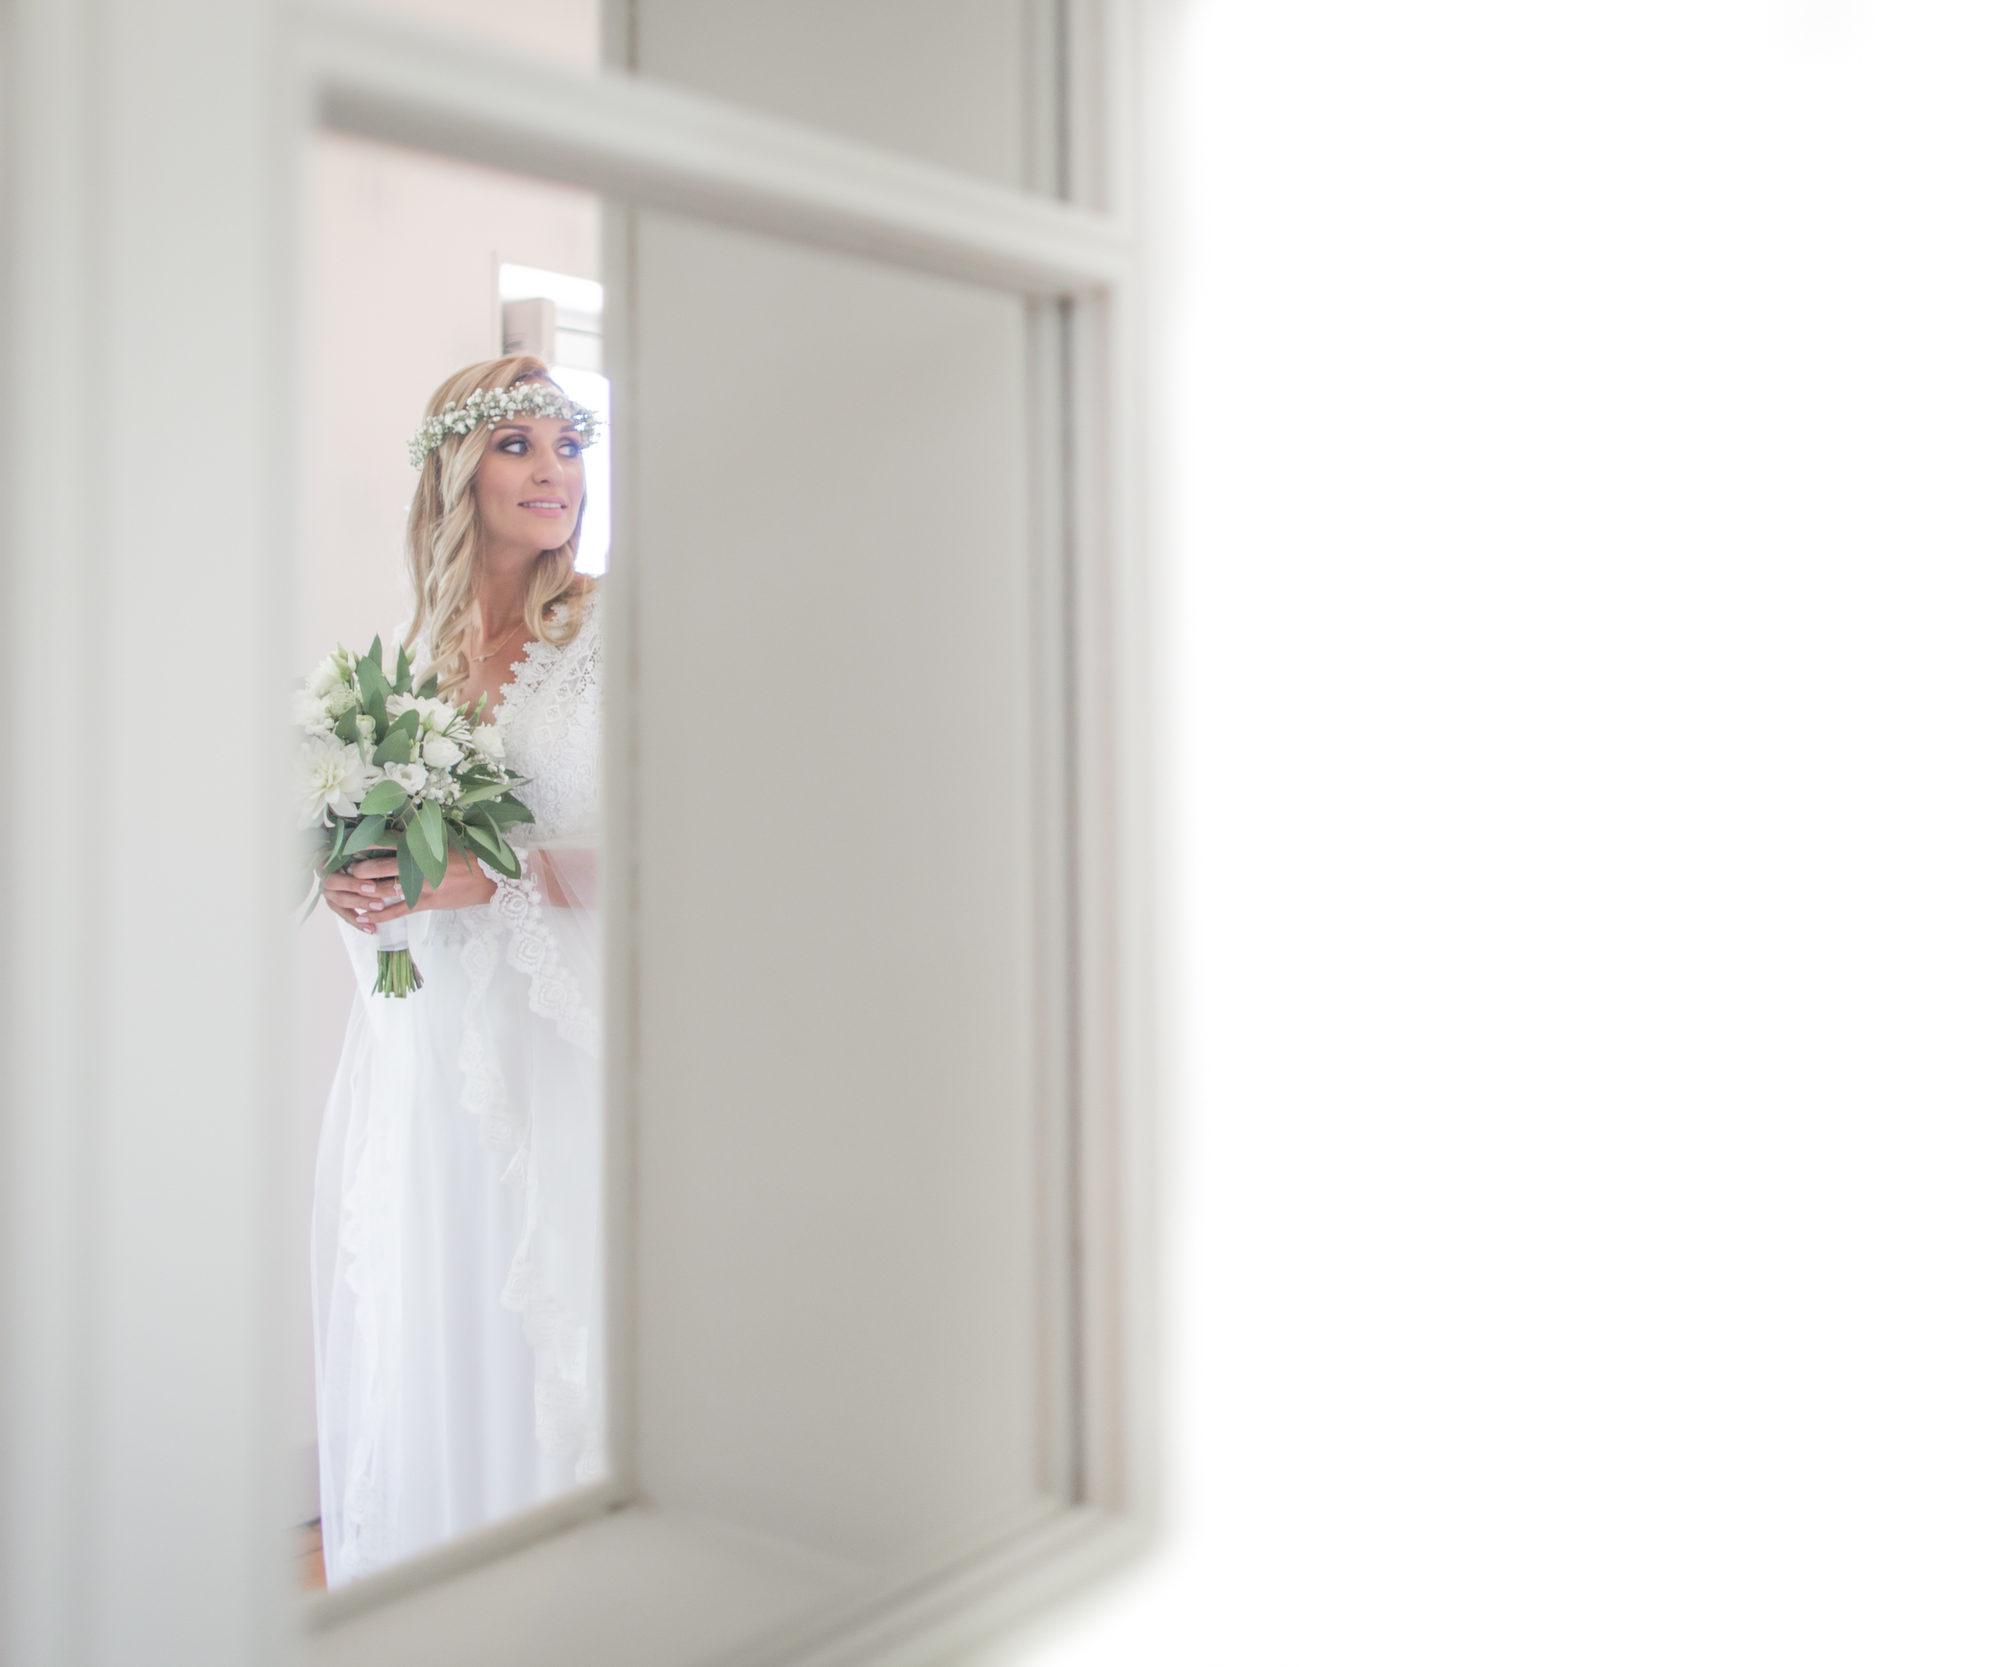 SOPHIE GOMES DE MIRANDA FLEURISTE MARIAGE CAP FERRET FLEURISTE MARIAGE BORDEAUX 44